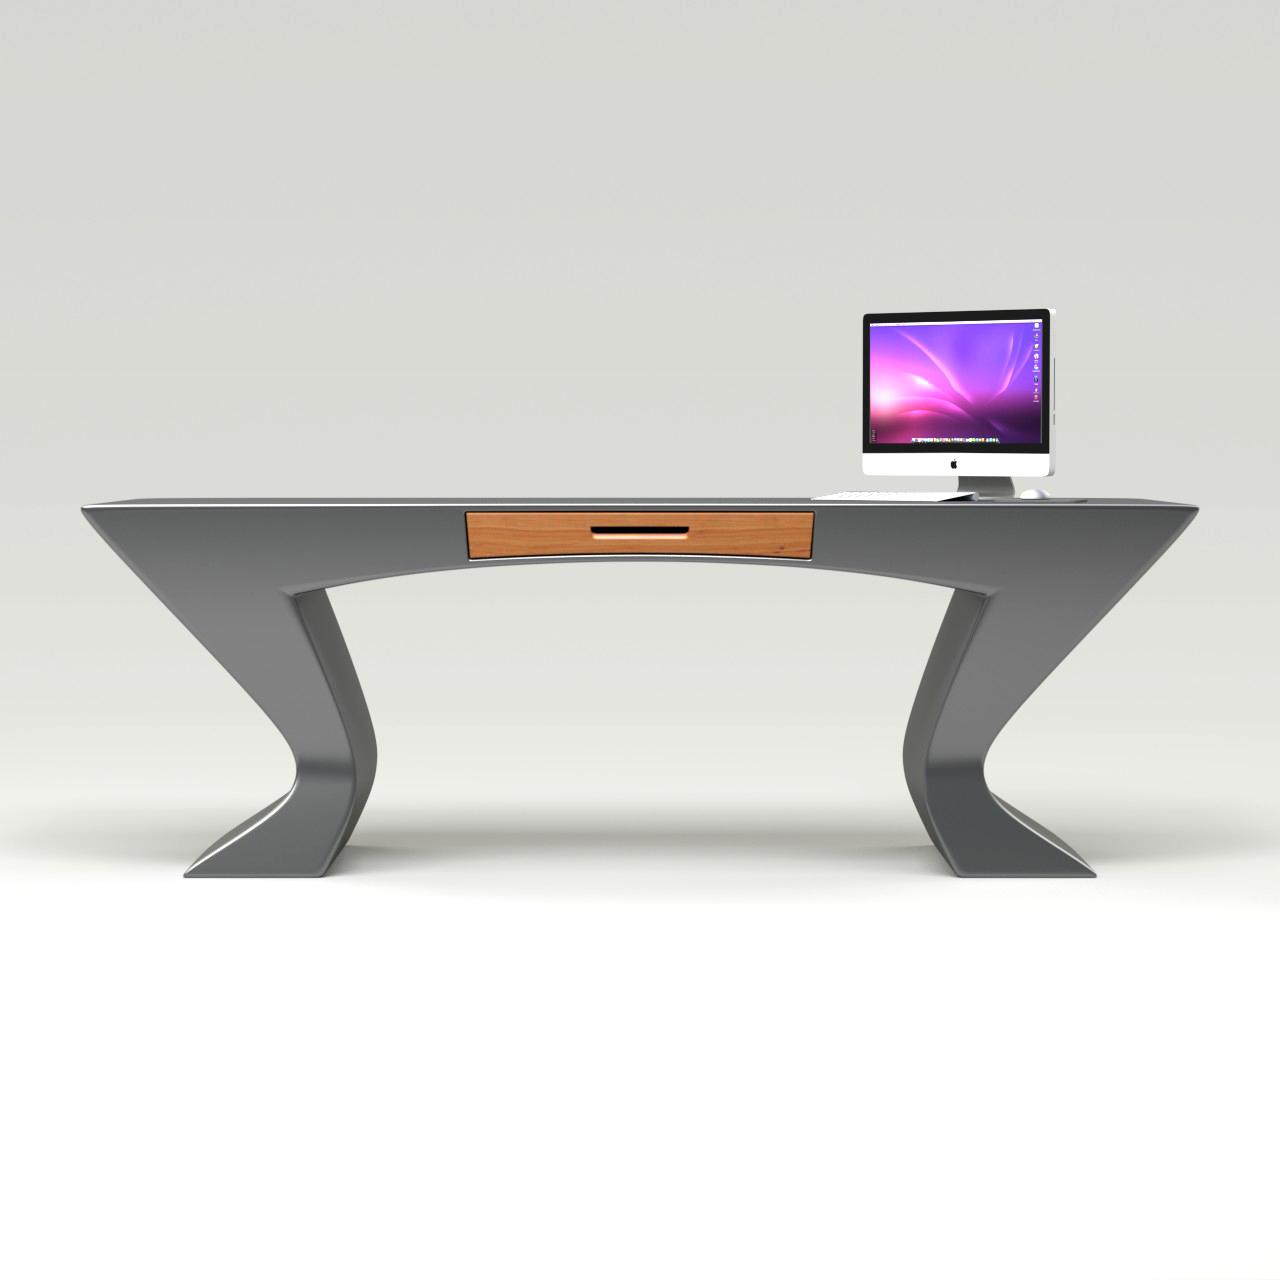 Nefertiti tavoli e scrivanie zad zone of absolute design for Tavoli e scrivanie